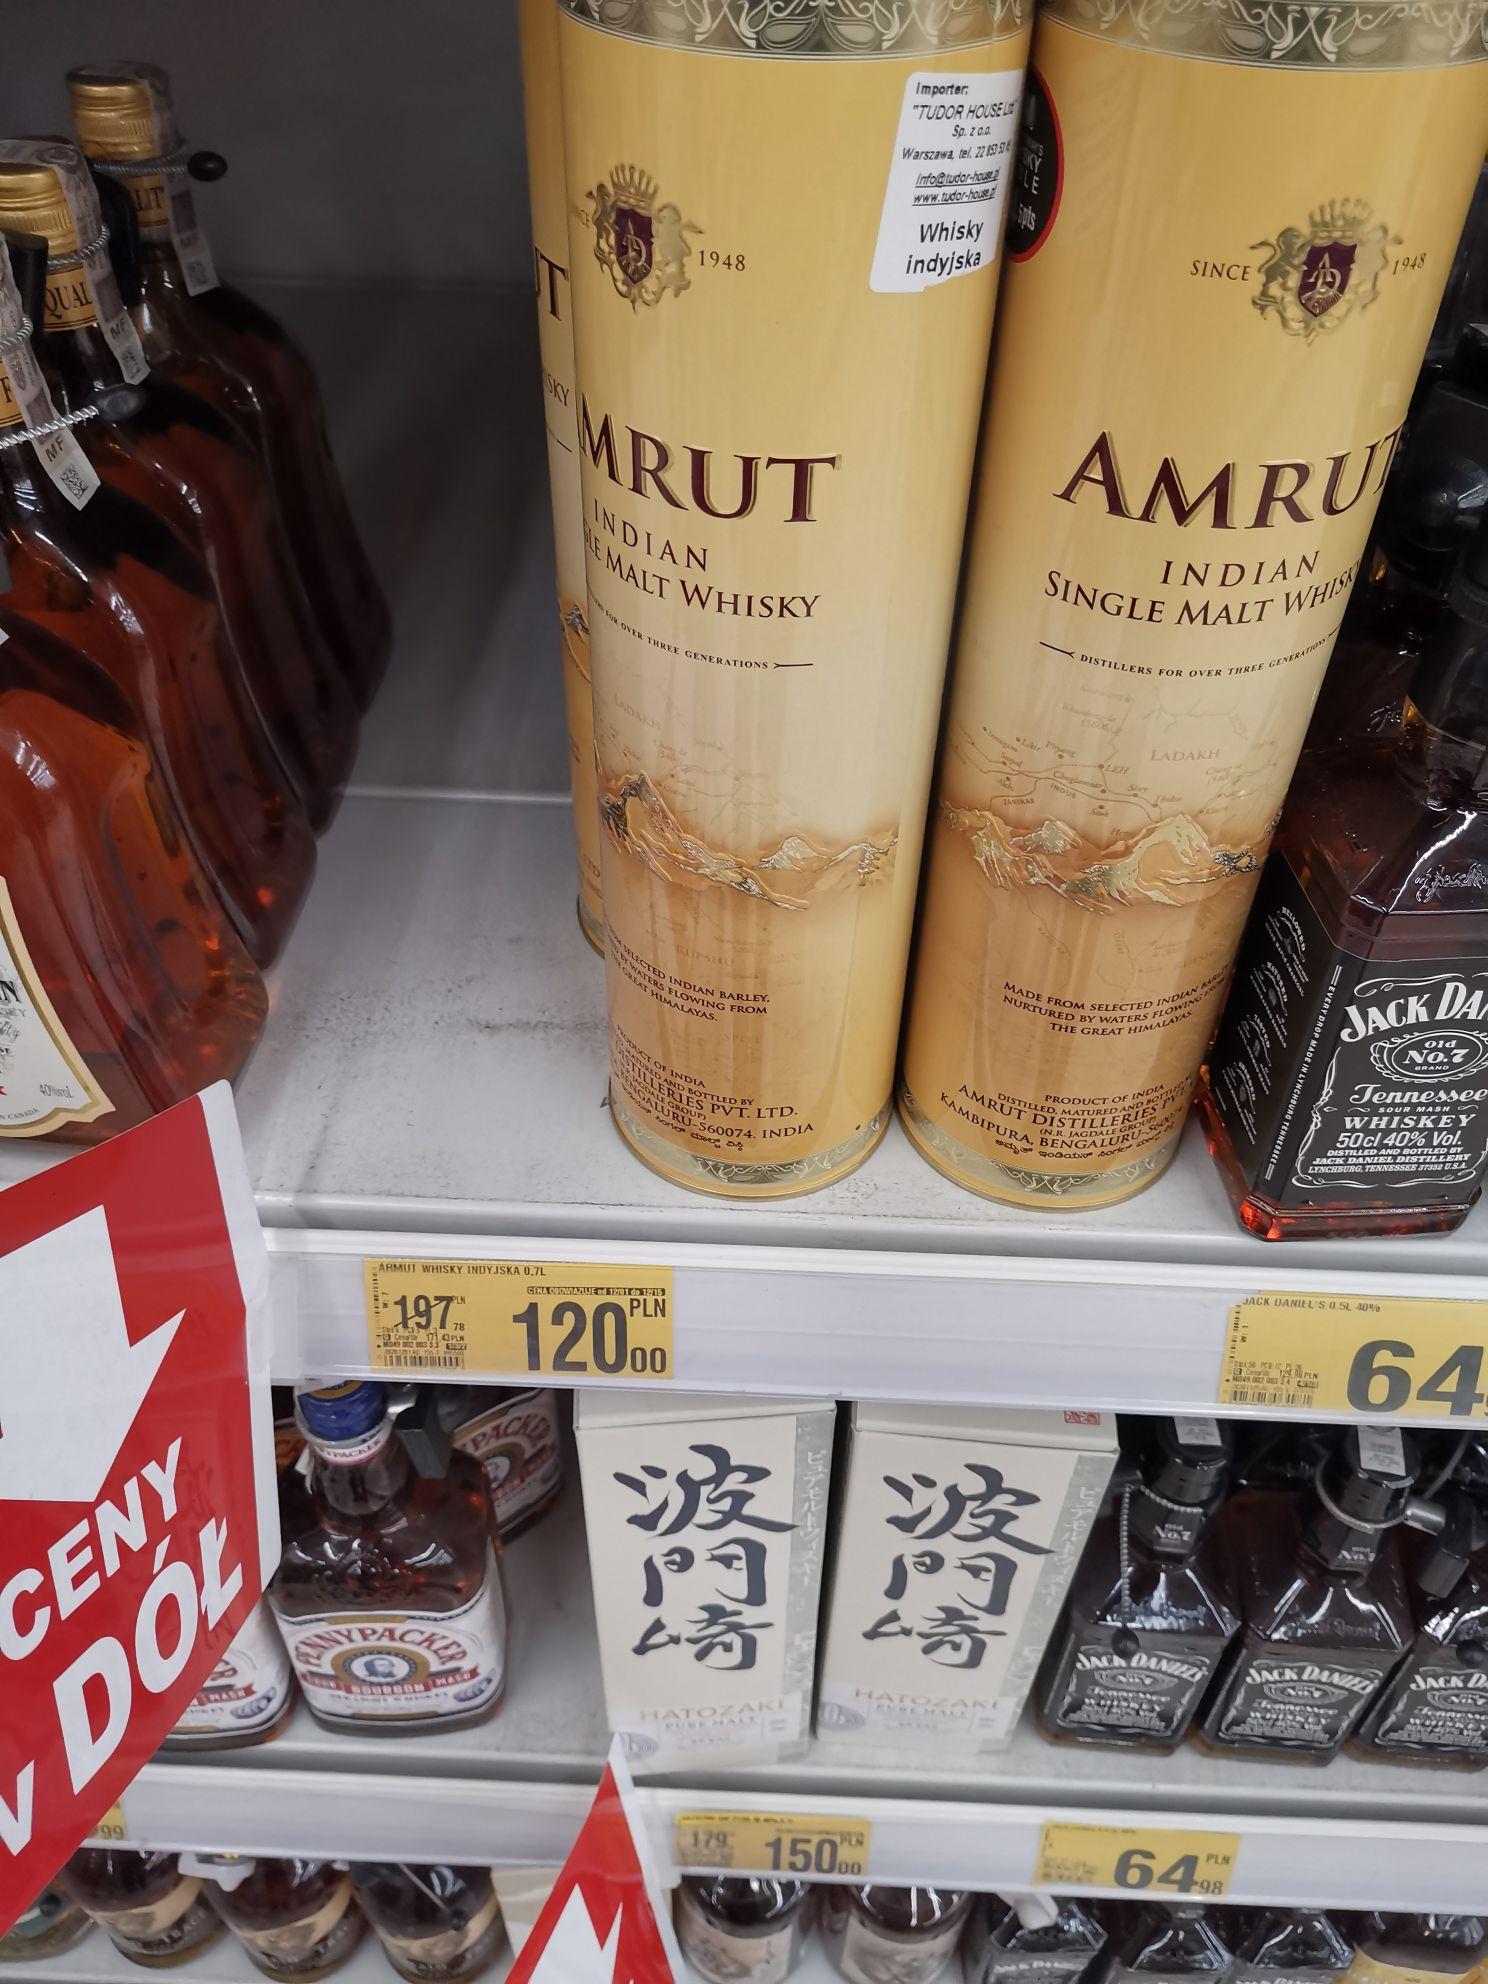 Whisky Amrut Single Malt. Auchan Tychy.